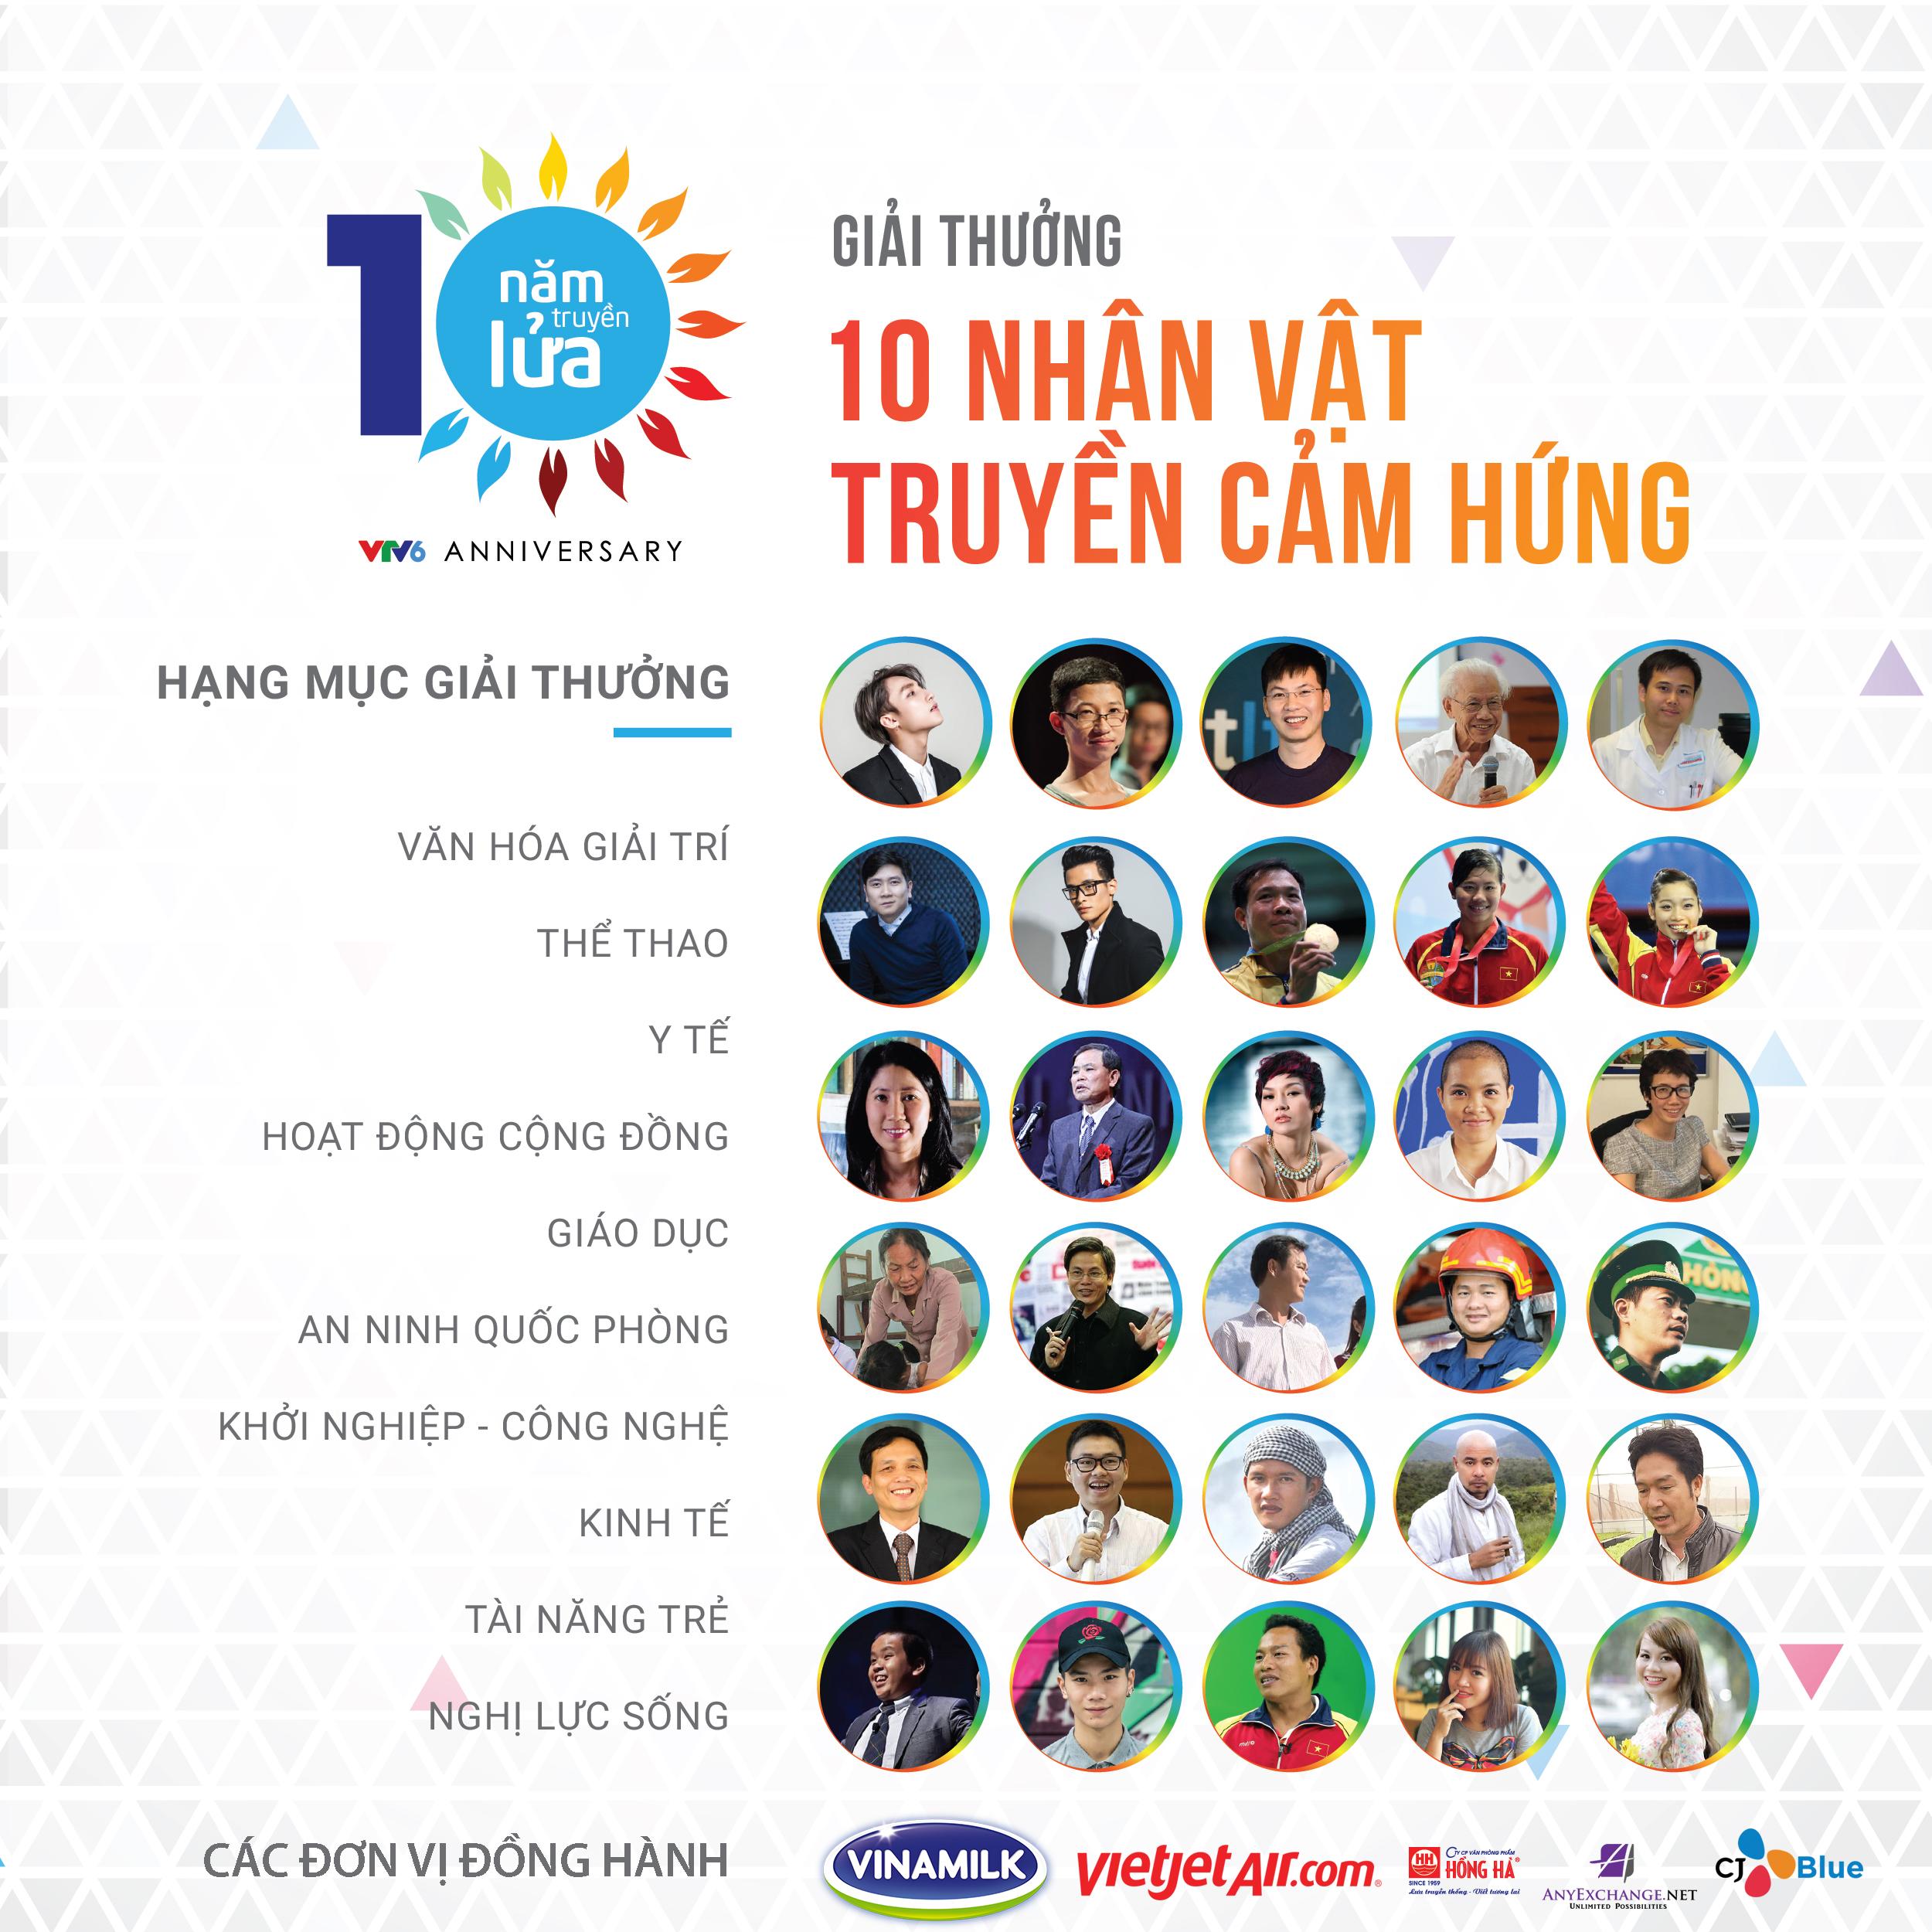 """Thầy Trần Bình Phục, VĐV Hoàng Xuân Vinh tiếp tục trở thành đề cử """"Nhân vật truyền lửa"""" nhân kỉ niệm 10 năm thành lập VTV6 - Ảnh 1."""